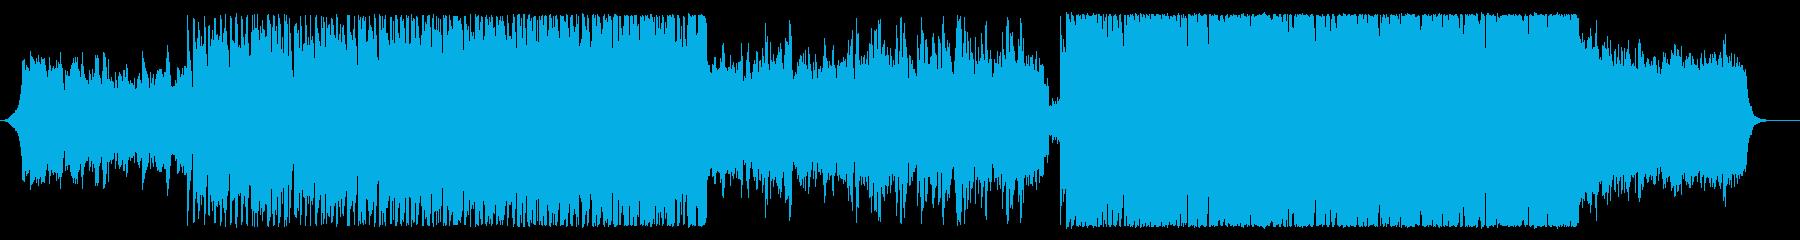 決意の疾走感シネマティックBGM2:42の再生済みの波形